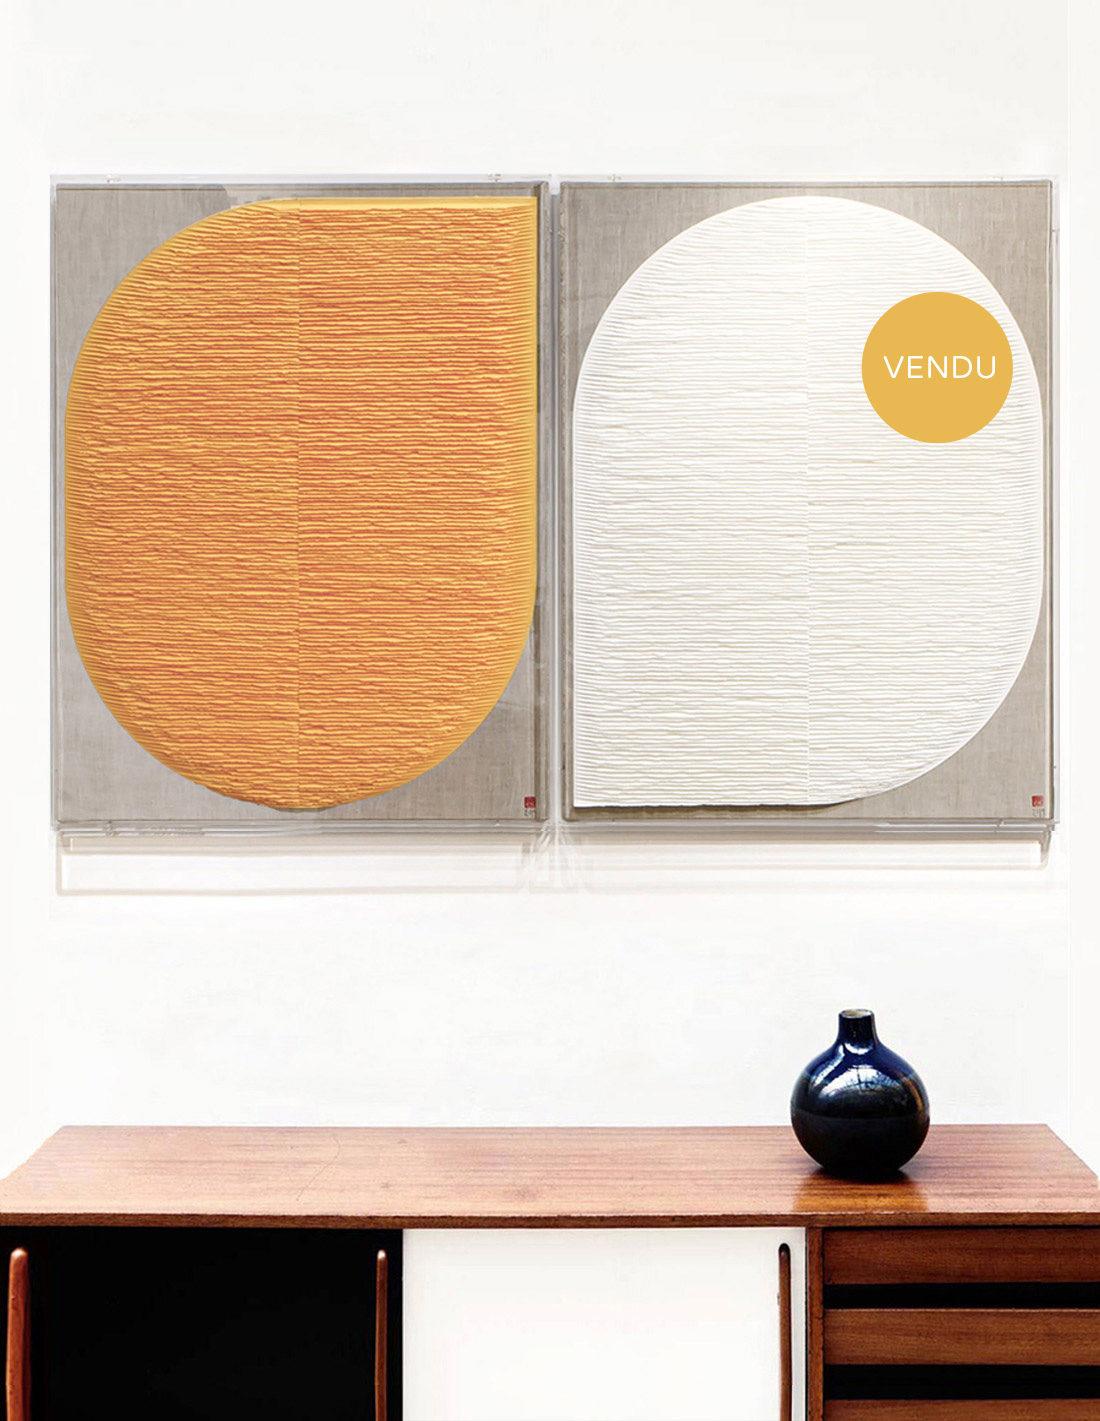 Fernando Daza - Formes jaune et blanche